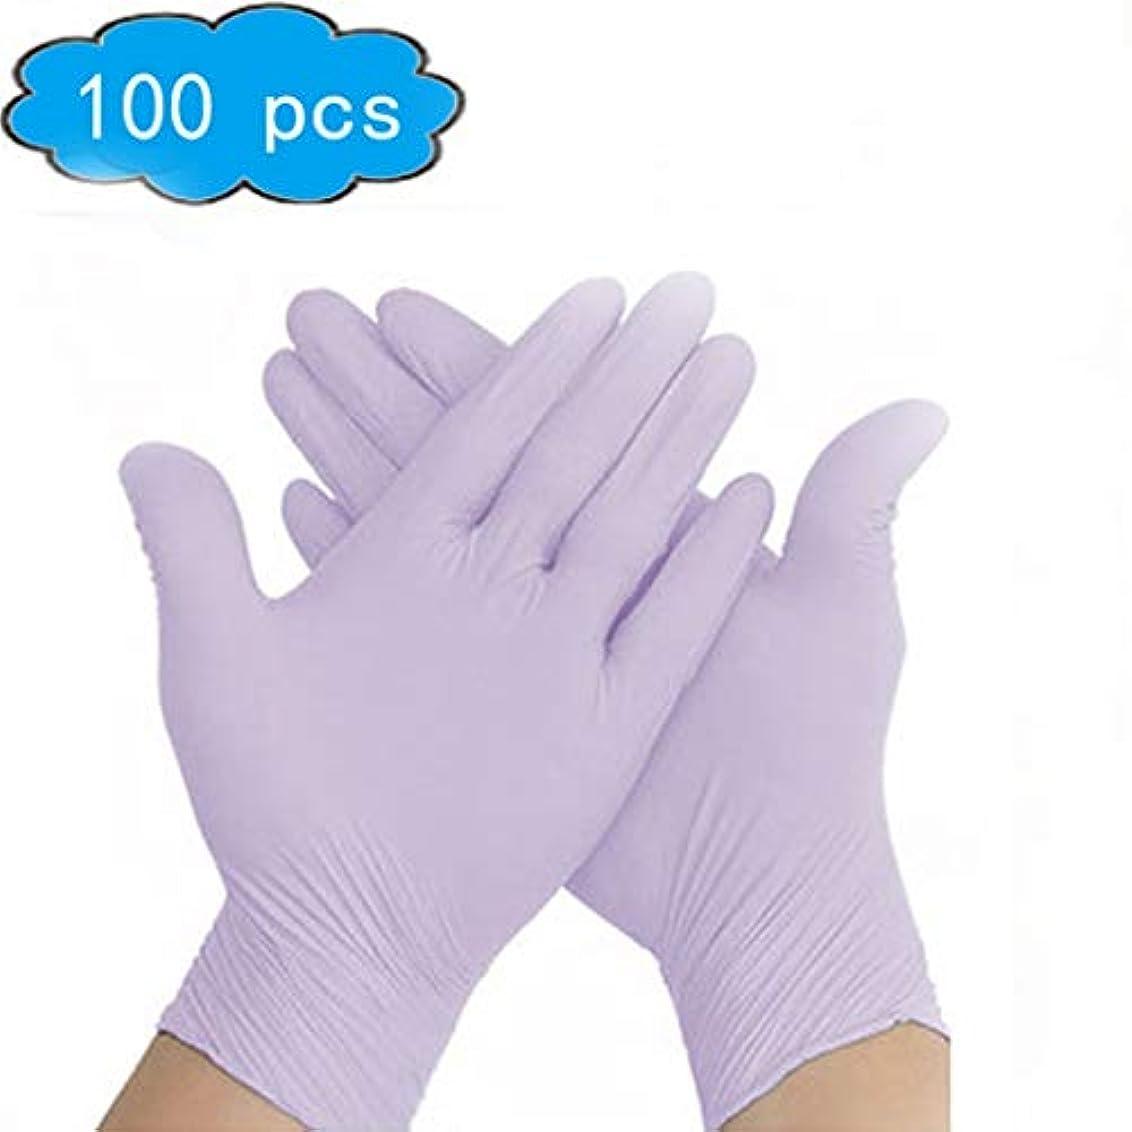 促すフォロービンニトリル手袋 - 医療用グレード、パウダーフリー、使い捨て、非滅菌、食品安全、テクスチャード加工、紫色、便利なディスペンサーパッケージ100、中サイズ、サニタリー手袋 (Color : Purple, Size : L)